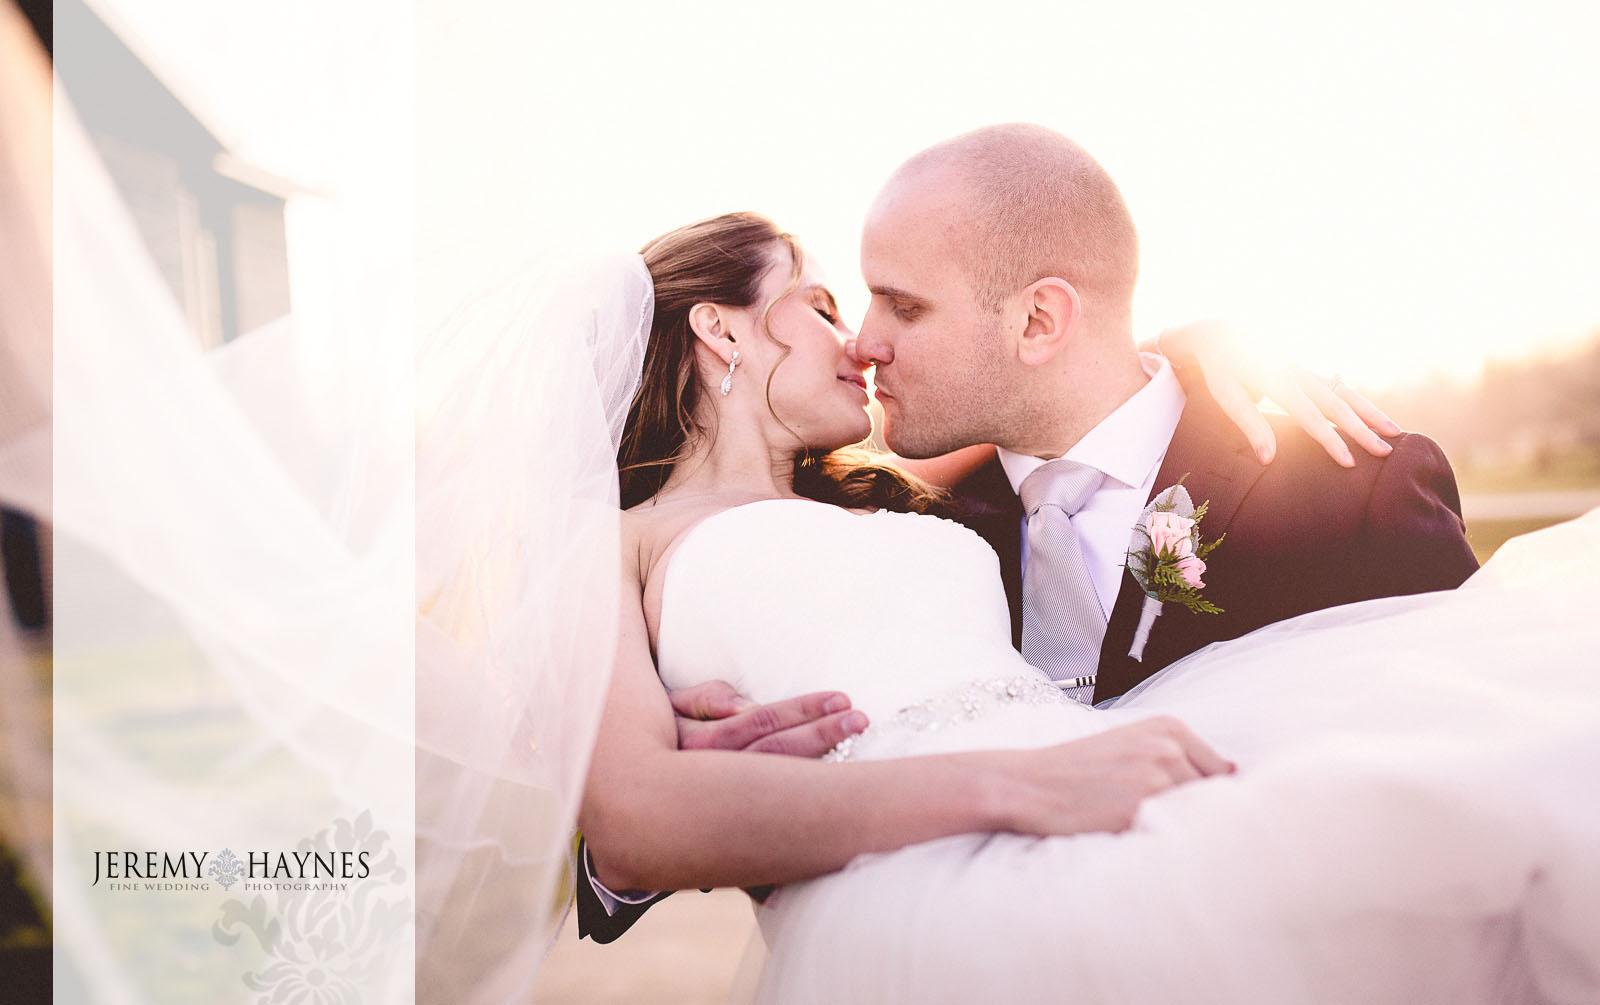 19-emmanuel-community-church-fort-wayne-wedding-photography-ideas.jpg